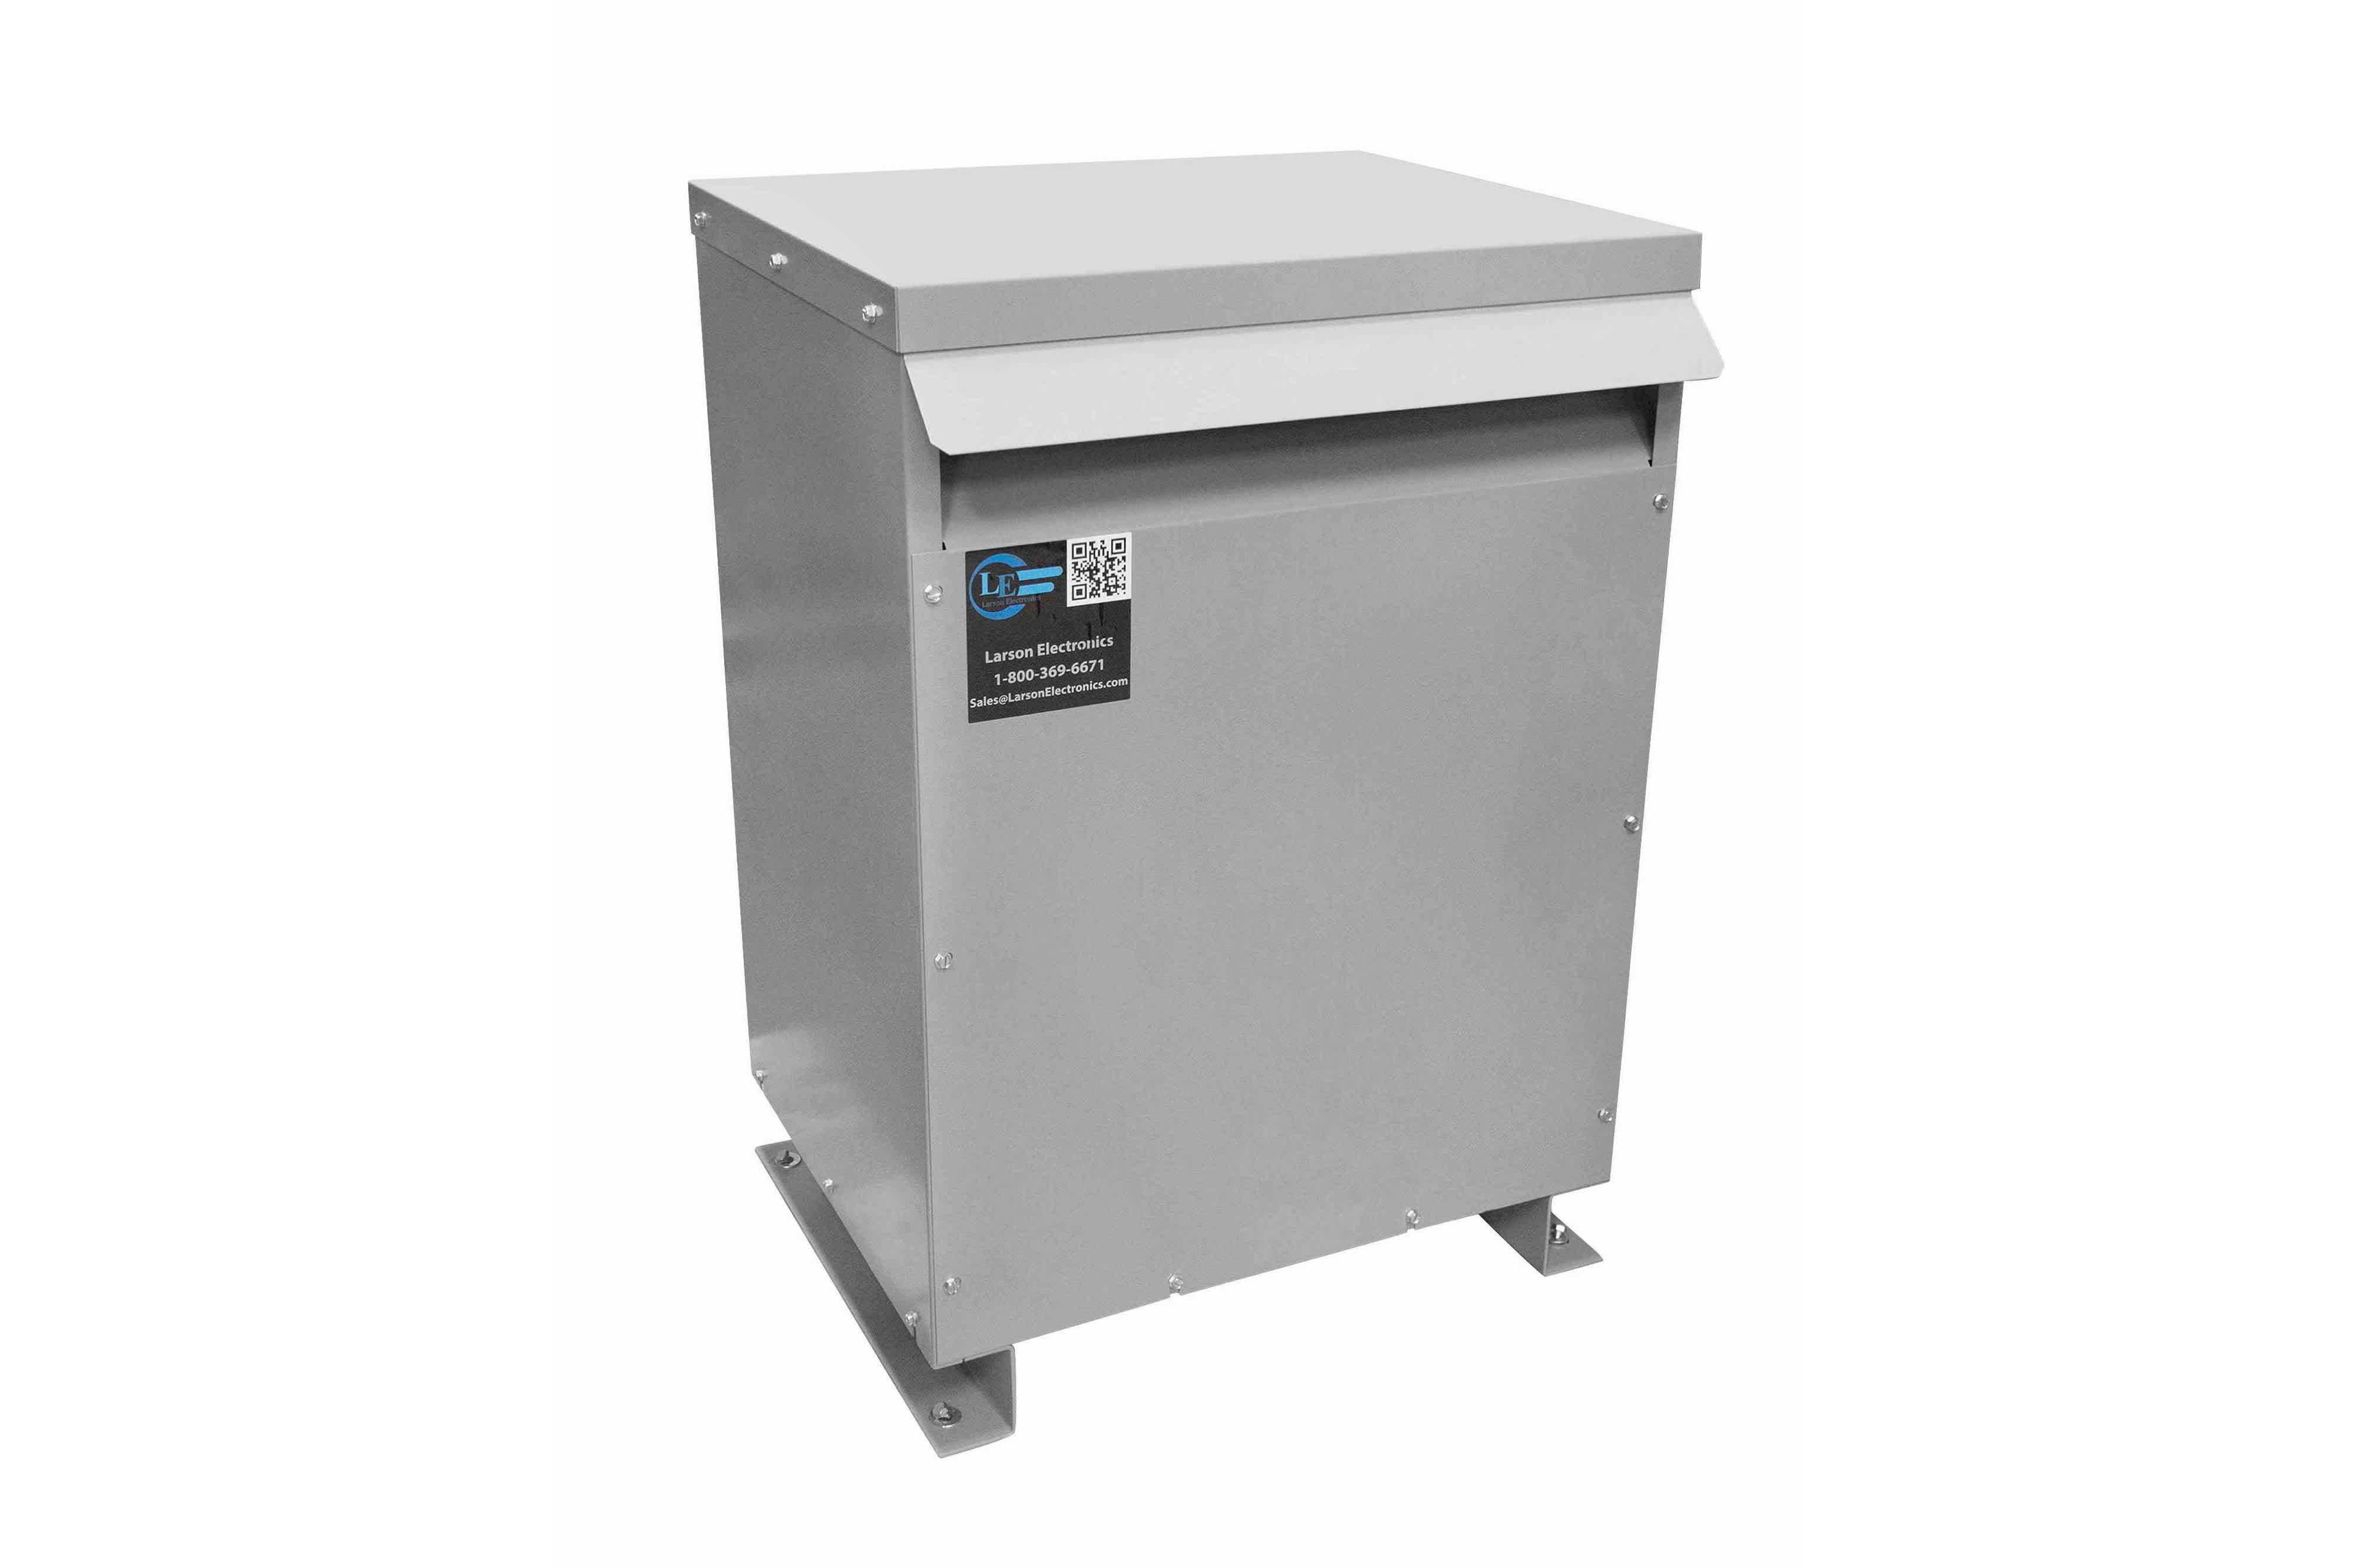 225 kVA 3PH Isolation Transformer, 240V Delta Primary, 380V Delta Secondary, N3R, Ventilated, 60 Hz